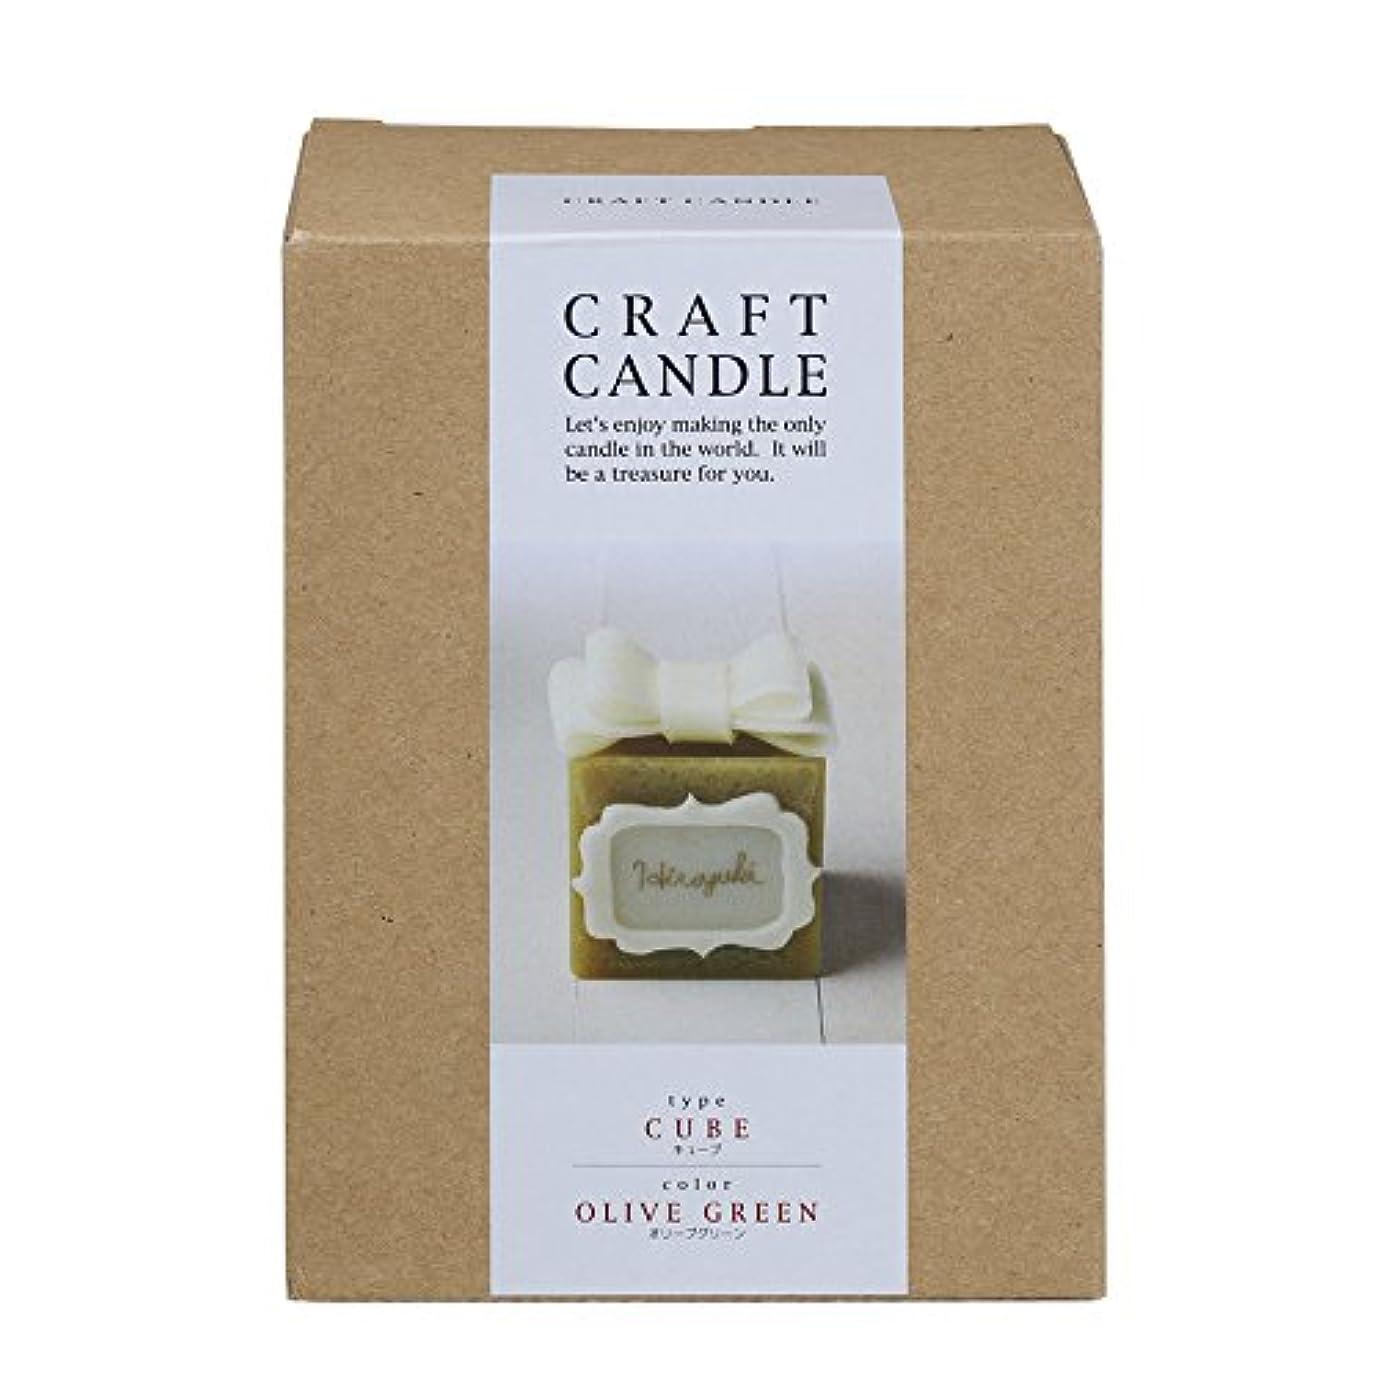 手入れあいにくカウボーイ手作りキャンドル クラフトキャンドル キューブ (オリーブグリーン)